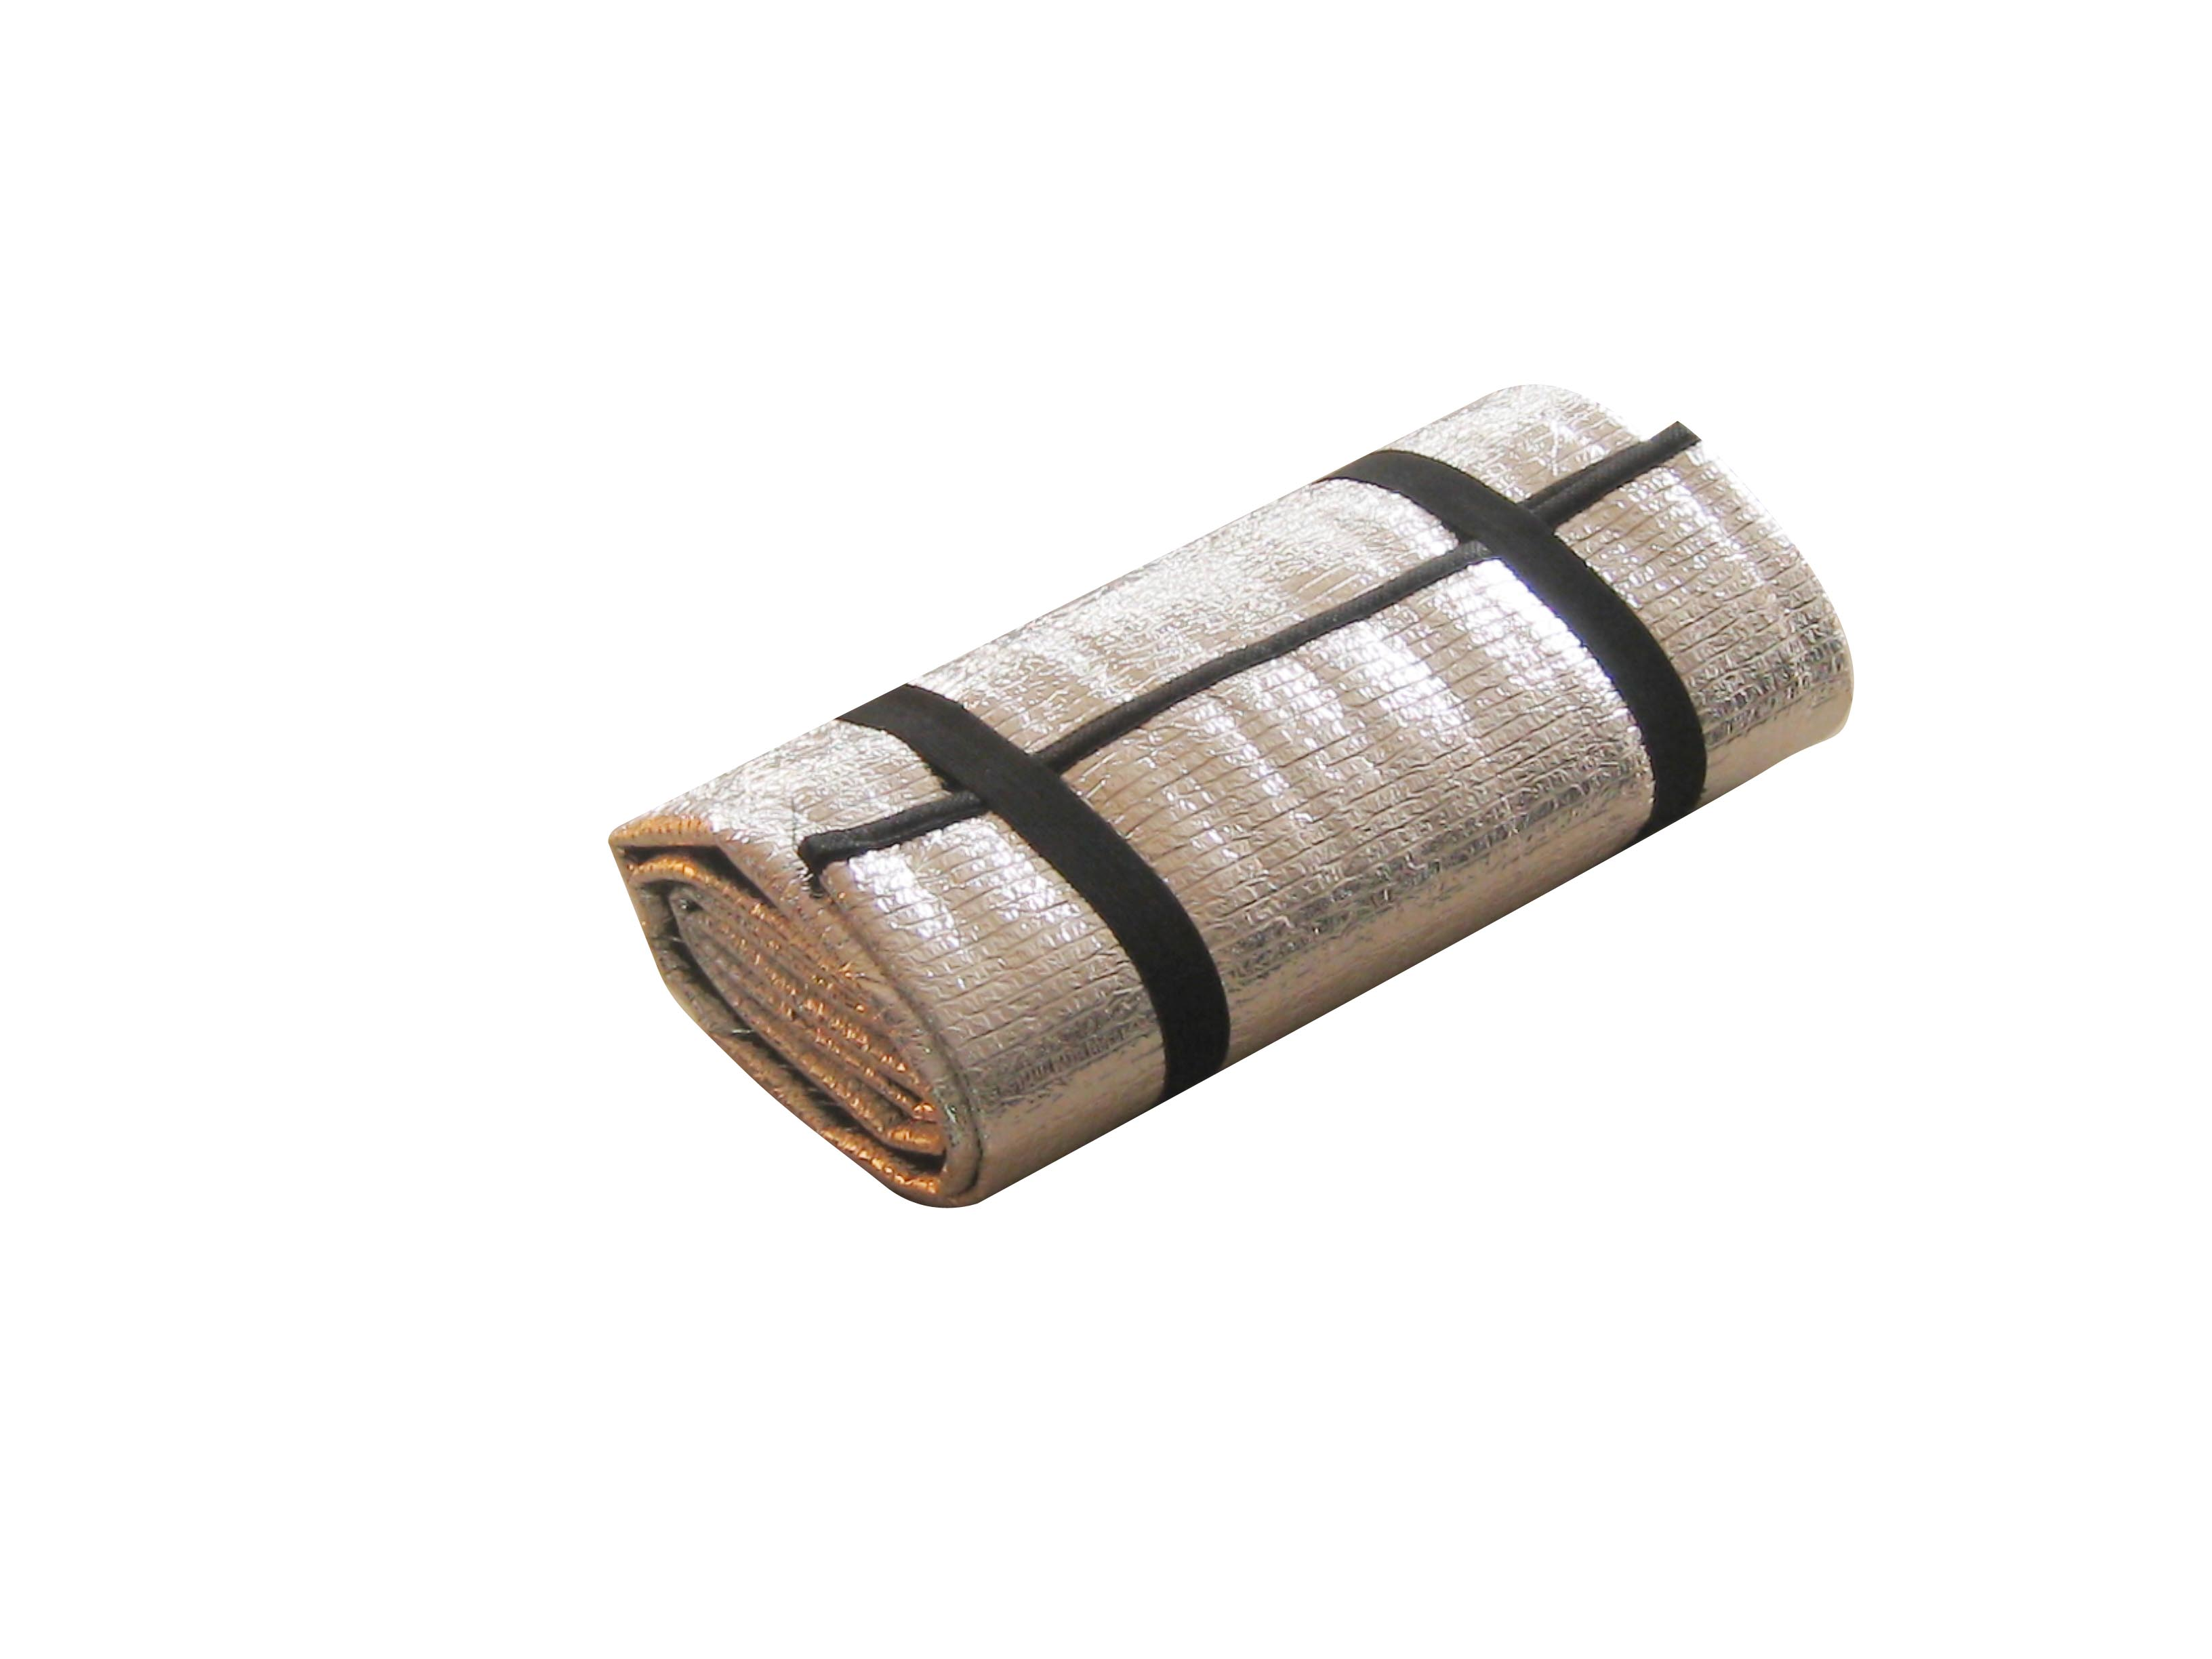 Коврик туристический Reka, цвет: серебристый, 180 х 50 х 0,2 см